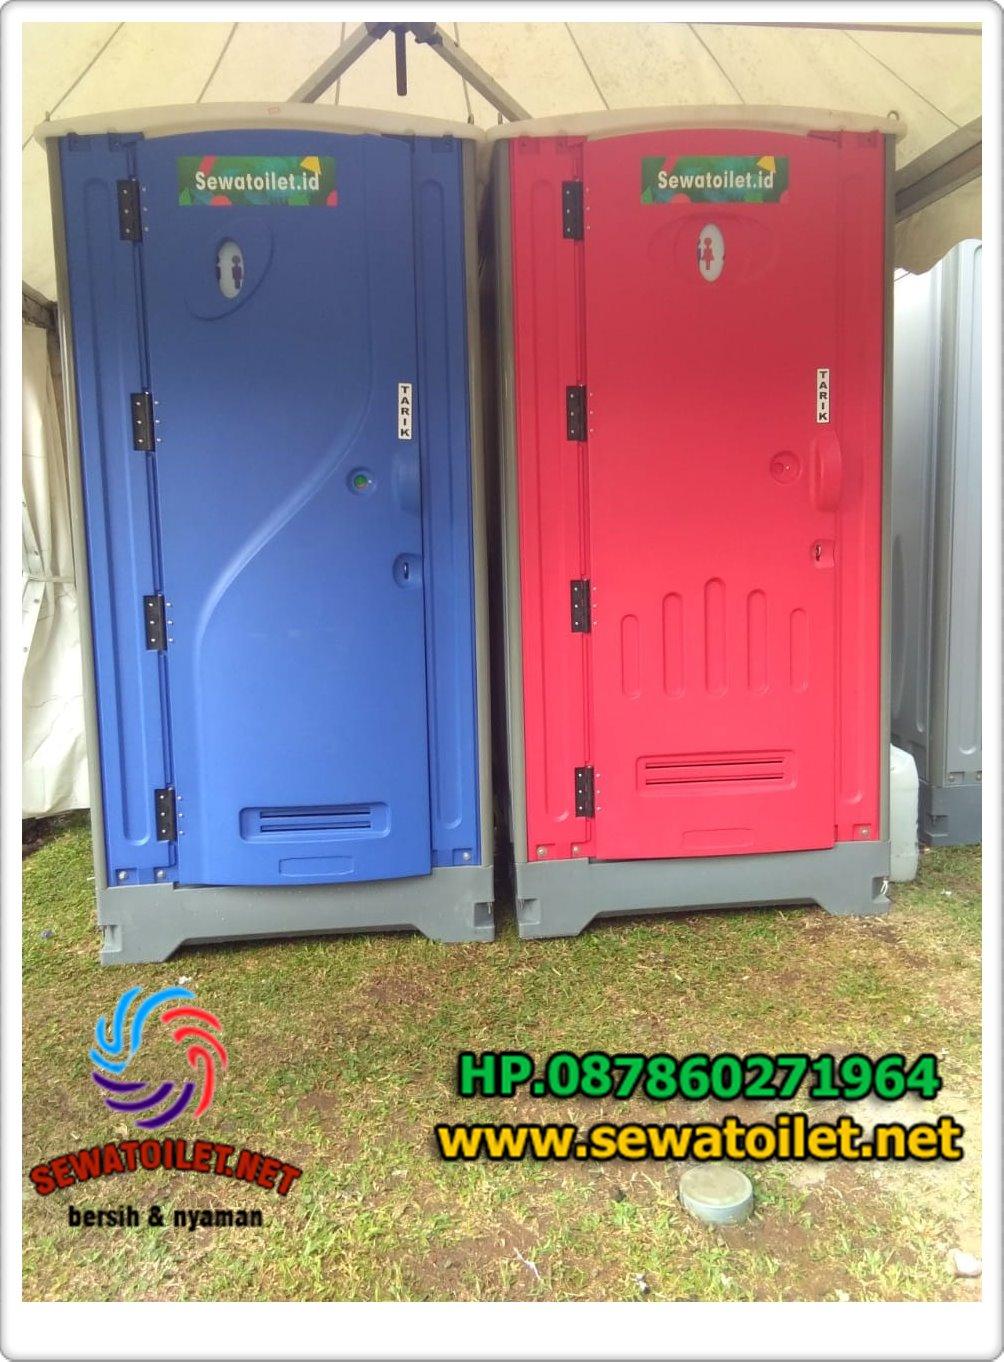 sewa toilet portable dan wastafel portable jakarta 30-7-21f